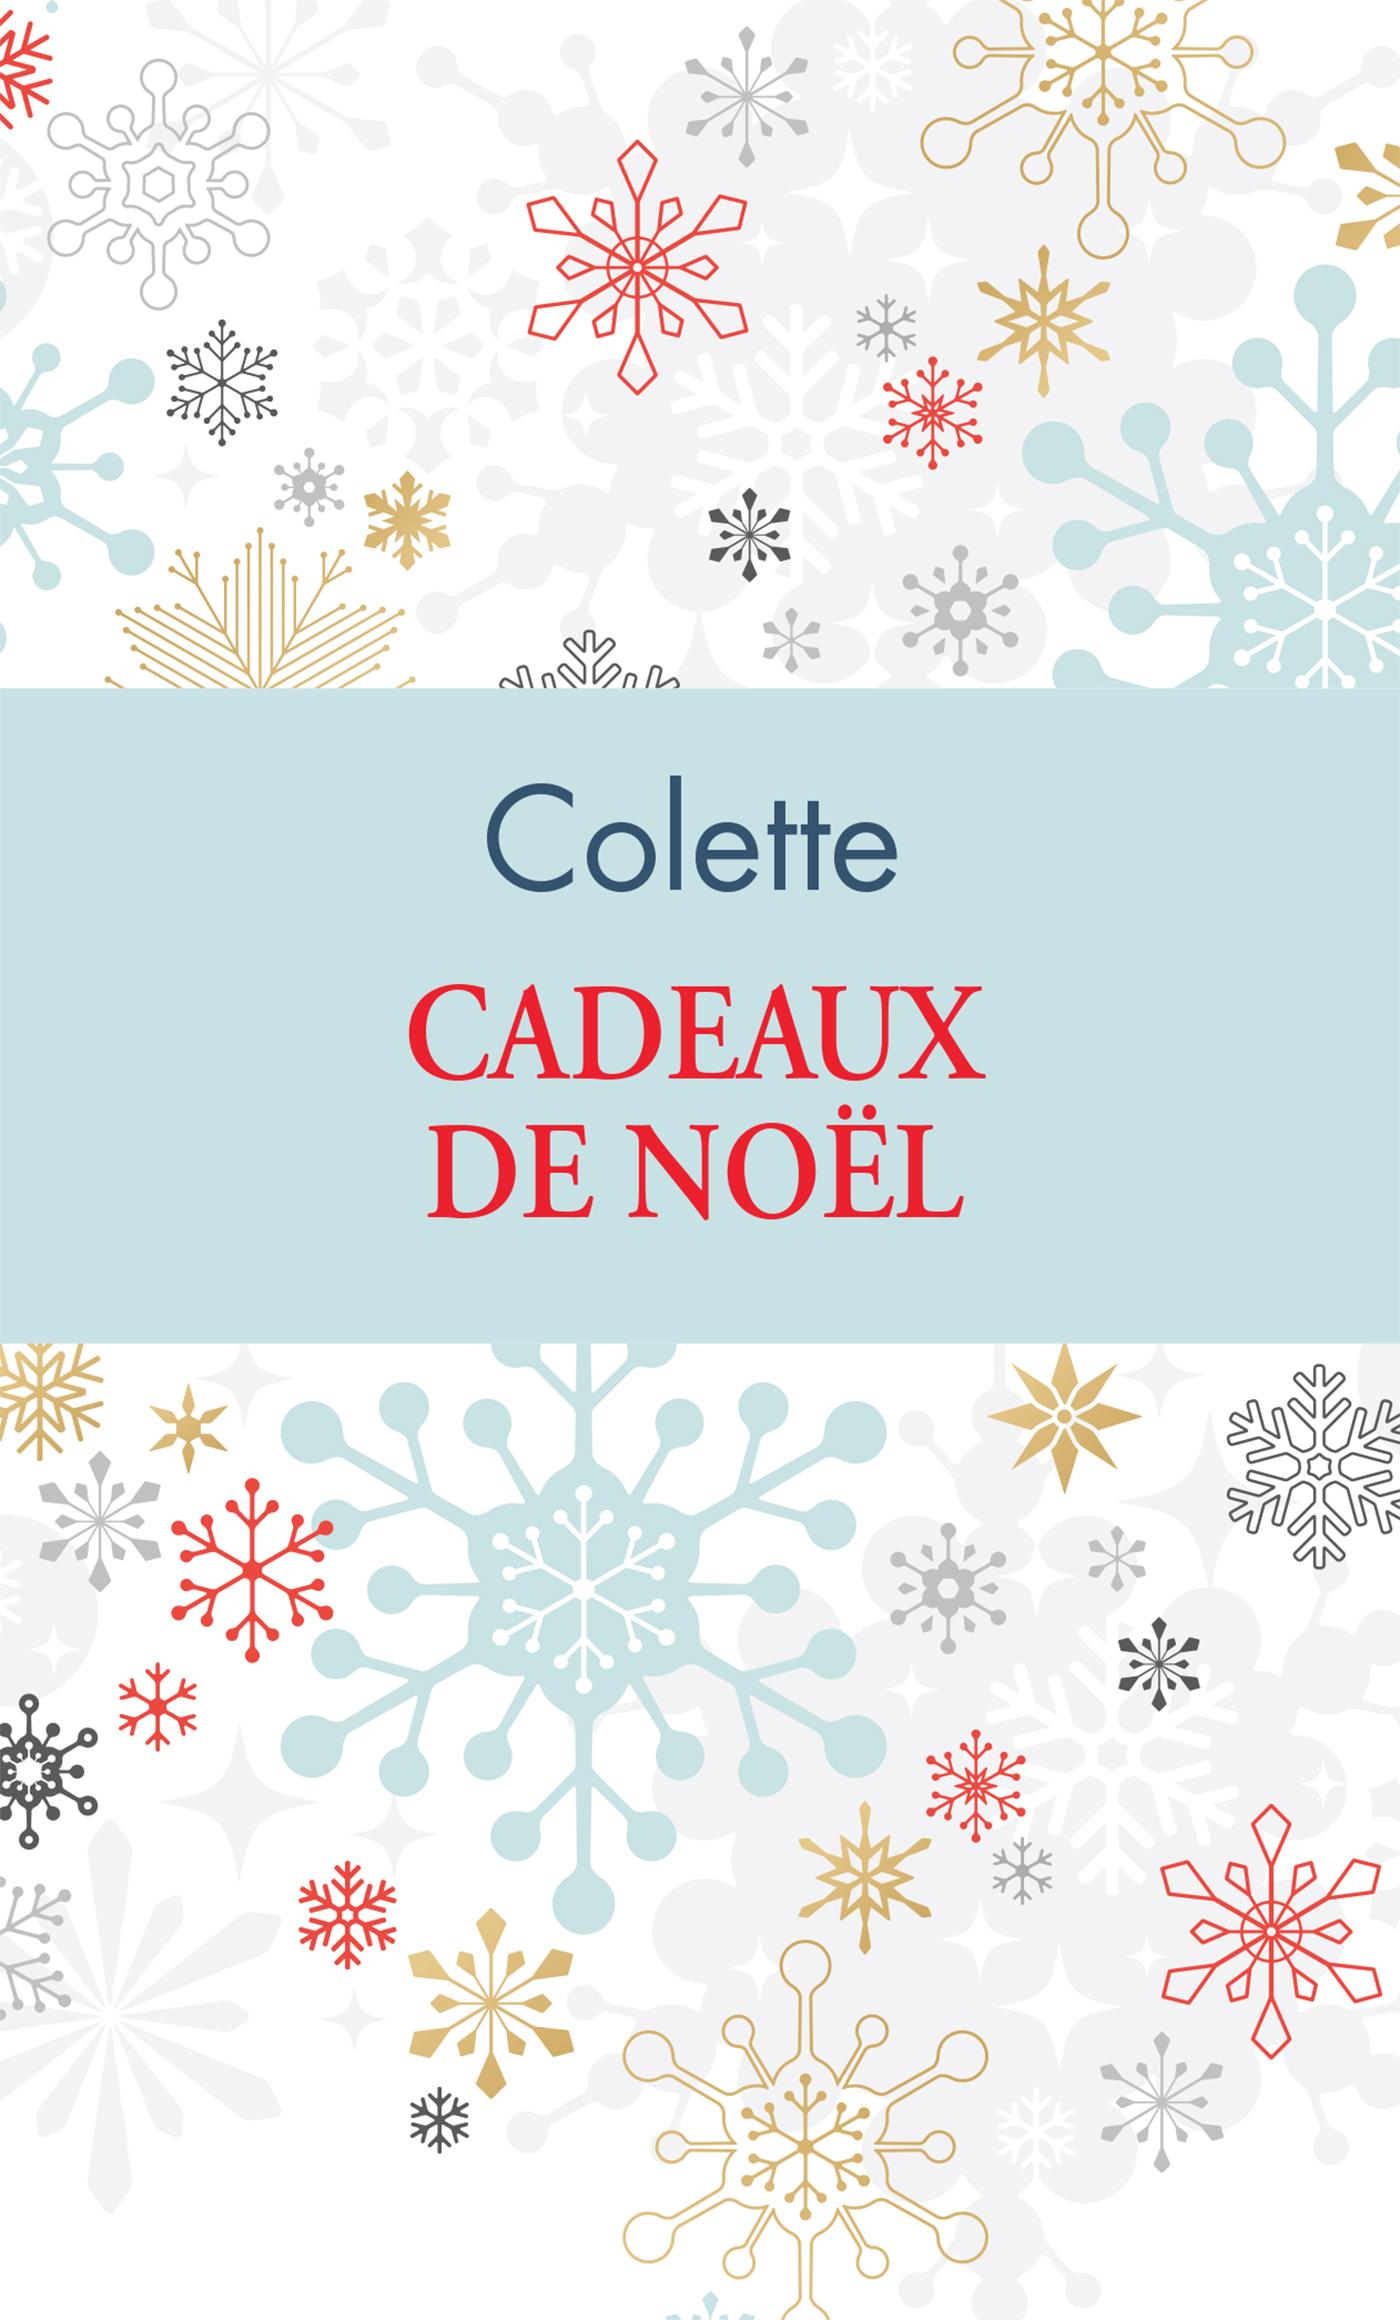 CADEAUX DE NOEL (COLLECTOR)